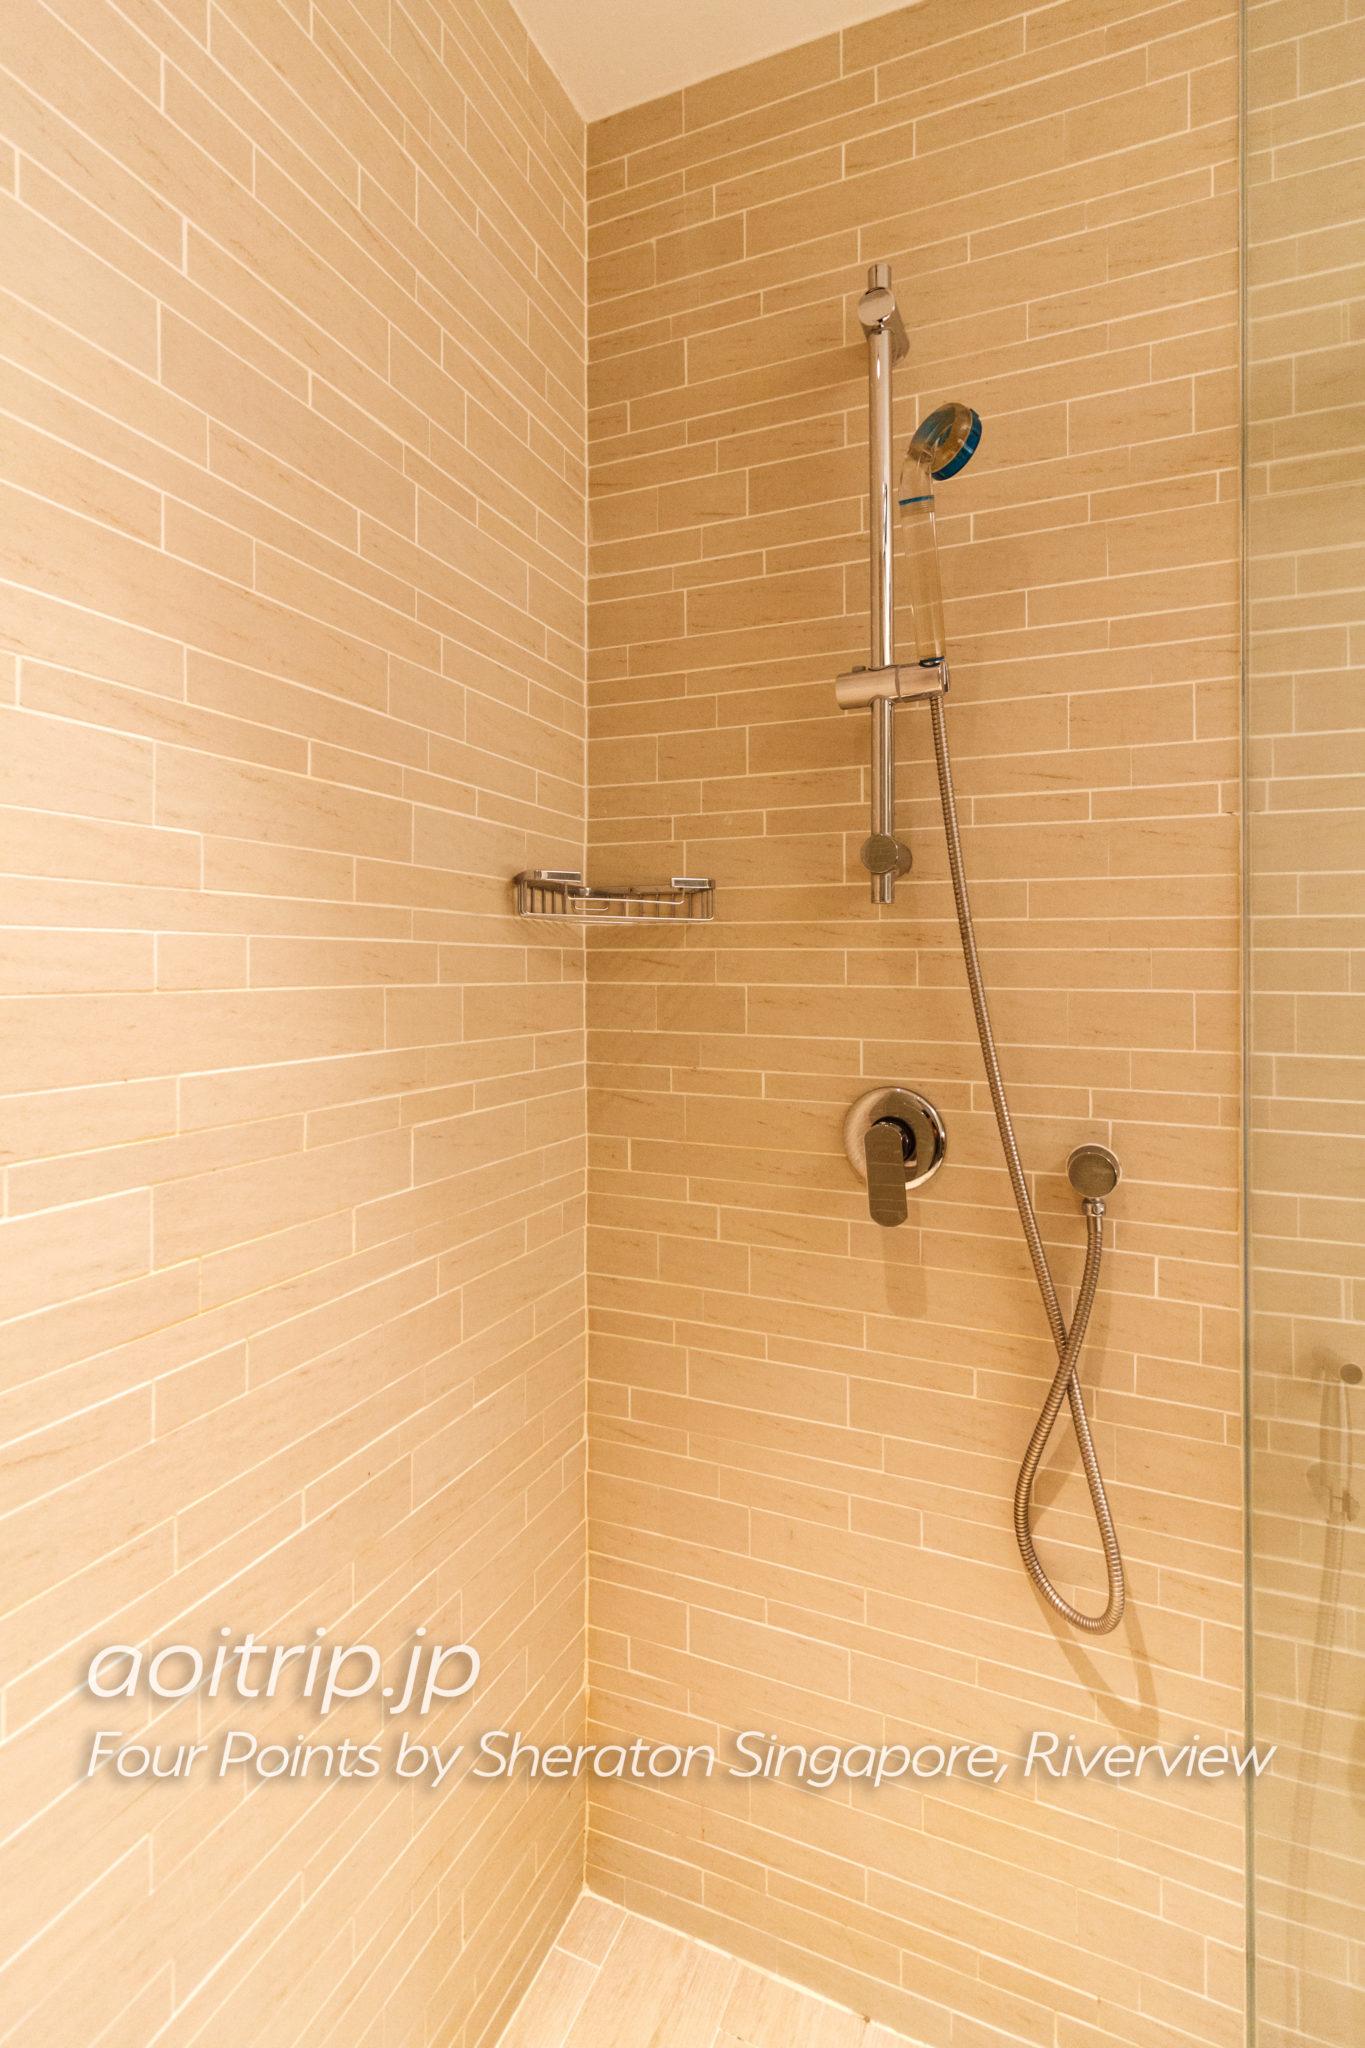 フォーポインツバイシェラトンシンガポールリバービューのバスルーム